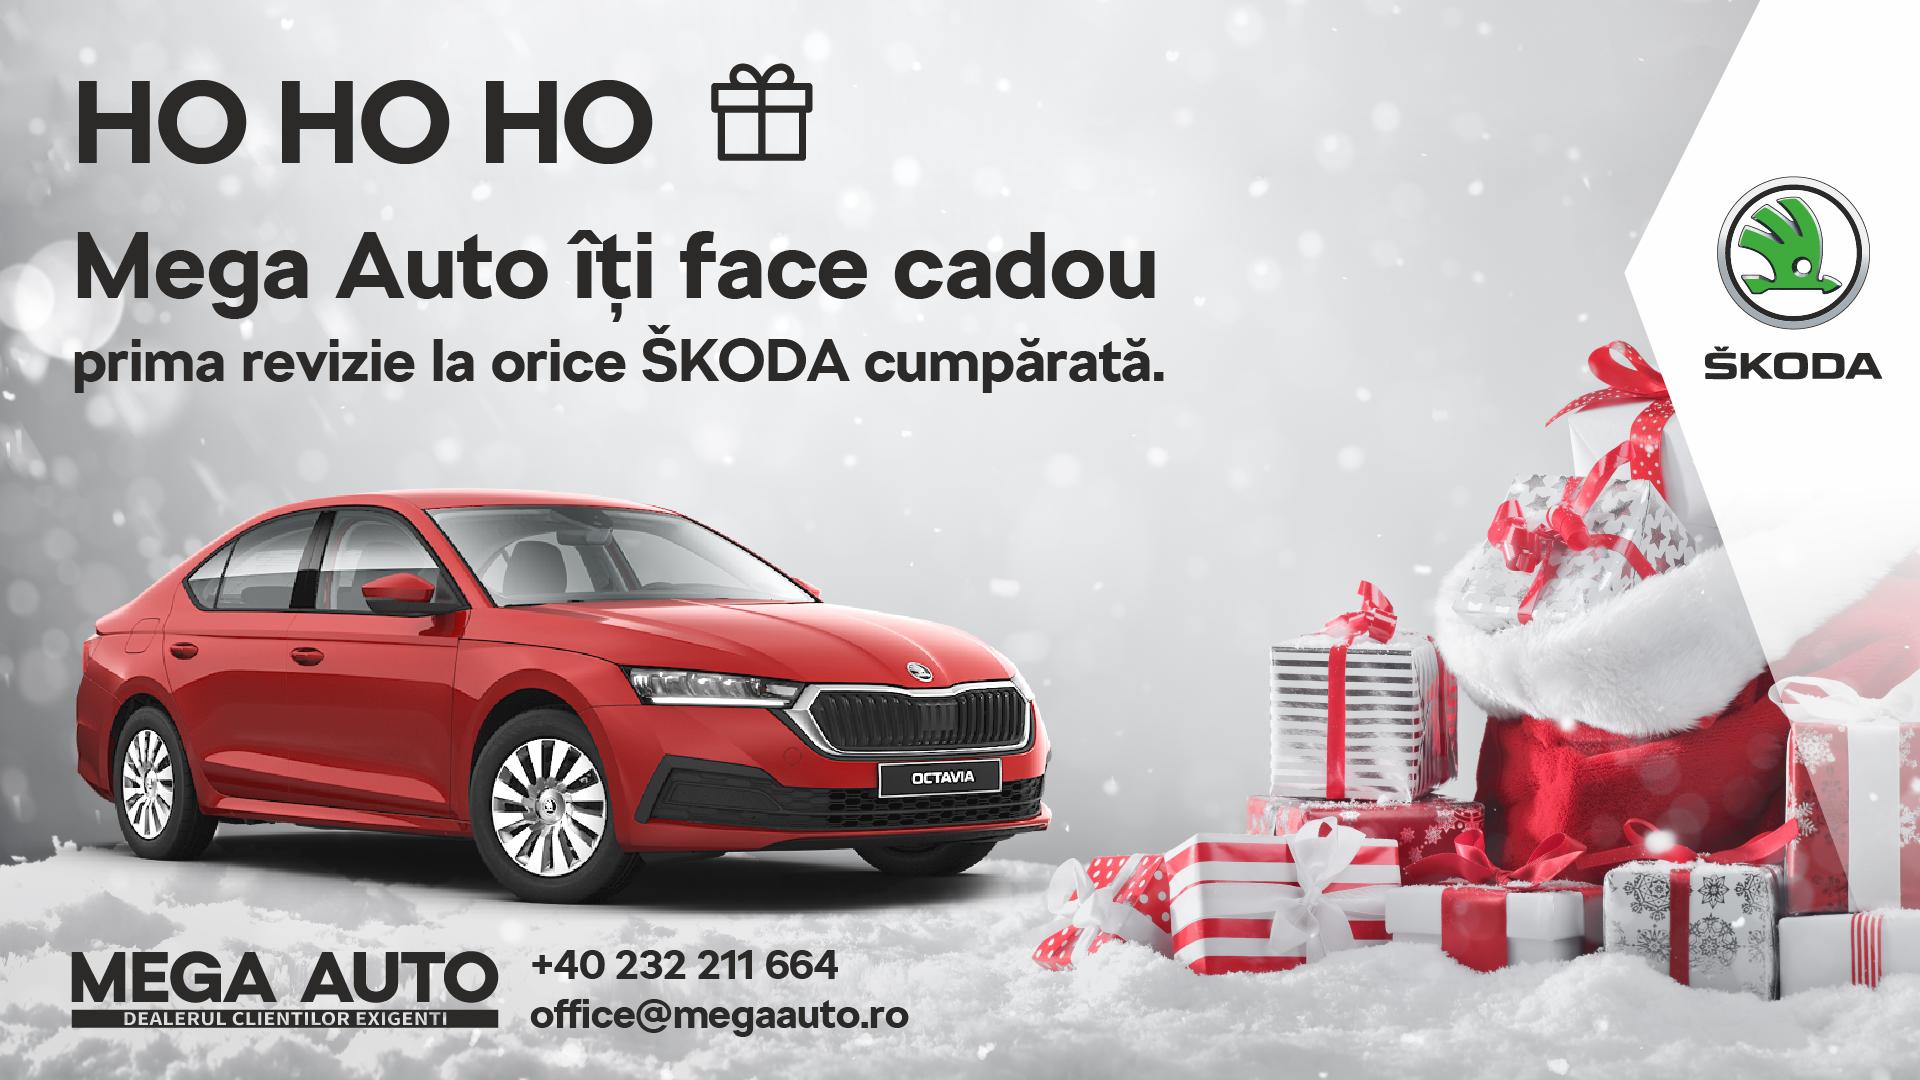 Ho, Ho, Ho a început luna cadourilor la Mega Auto – ŠKODA Iași